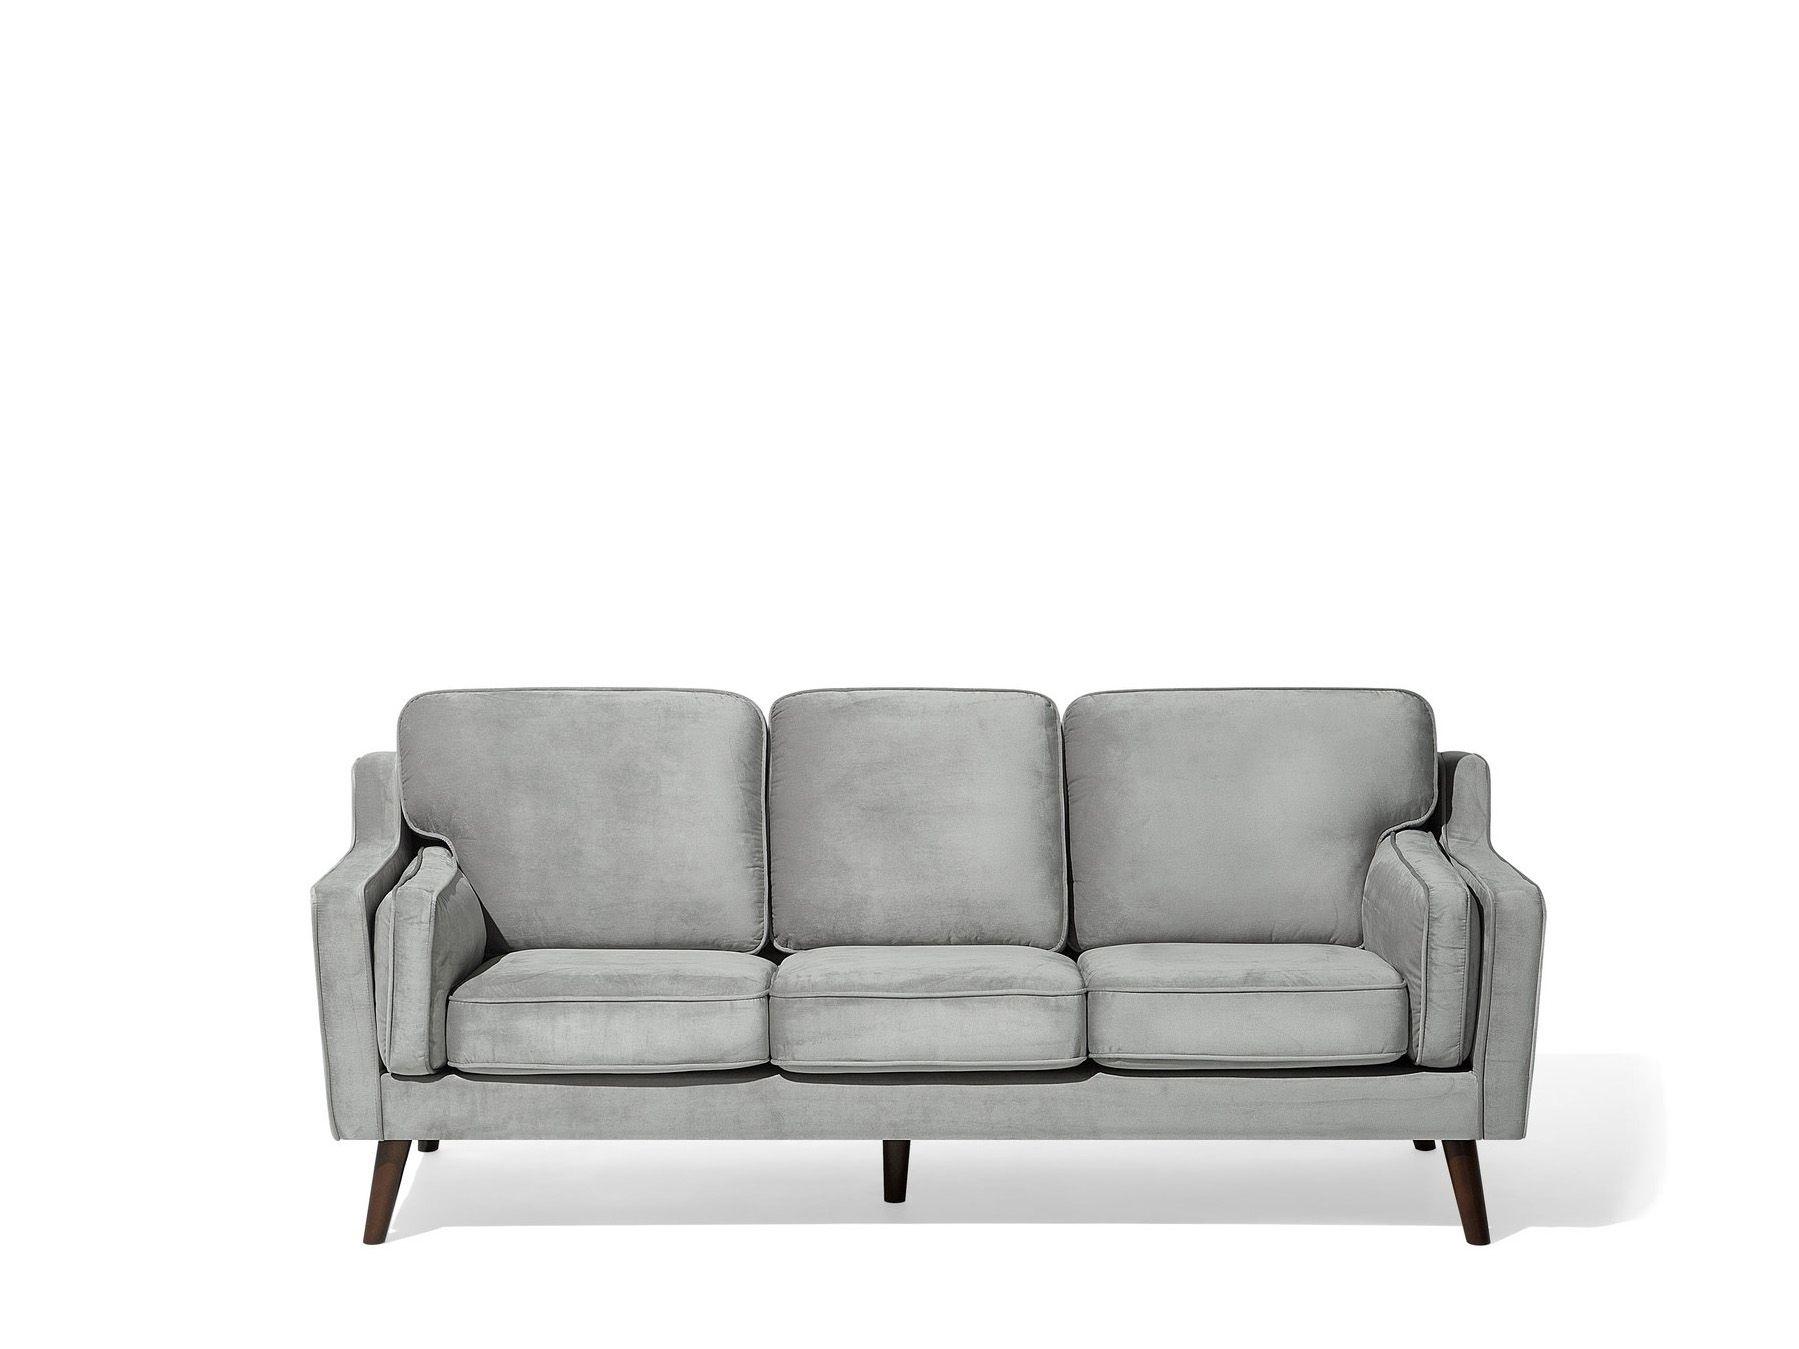 Full Size of Modernes Sofa Aus Samtstoff In Hellgrau Couch 3er Sitzer Lokka Ebay 2 Mit Schlaffunktion Home Affaire Big Landhausstil Stoff Husse Elektrisch Schilling Sofa Modernes Sofa